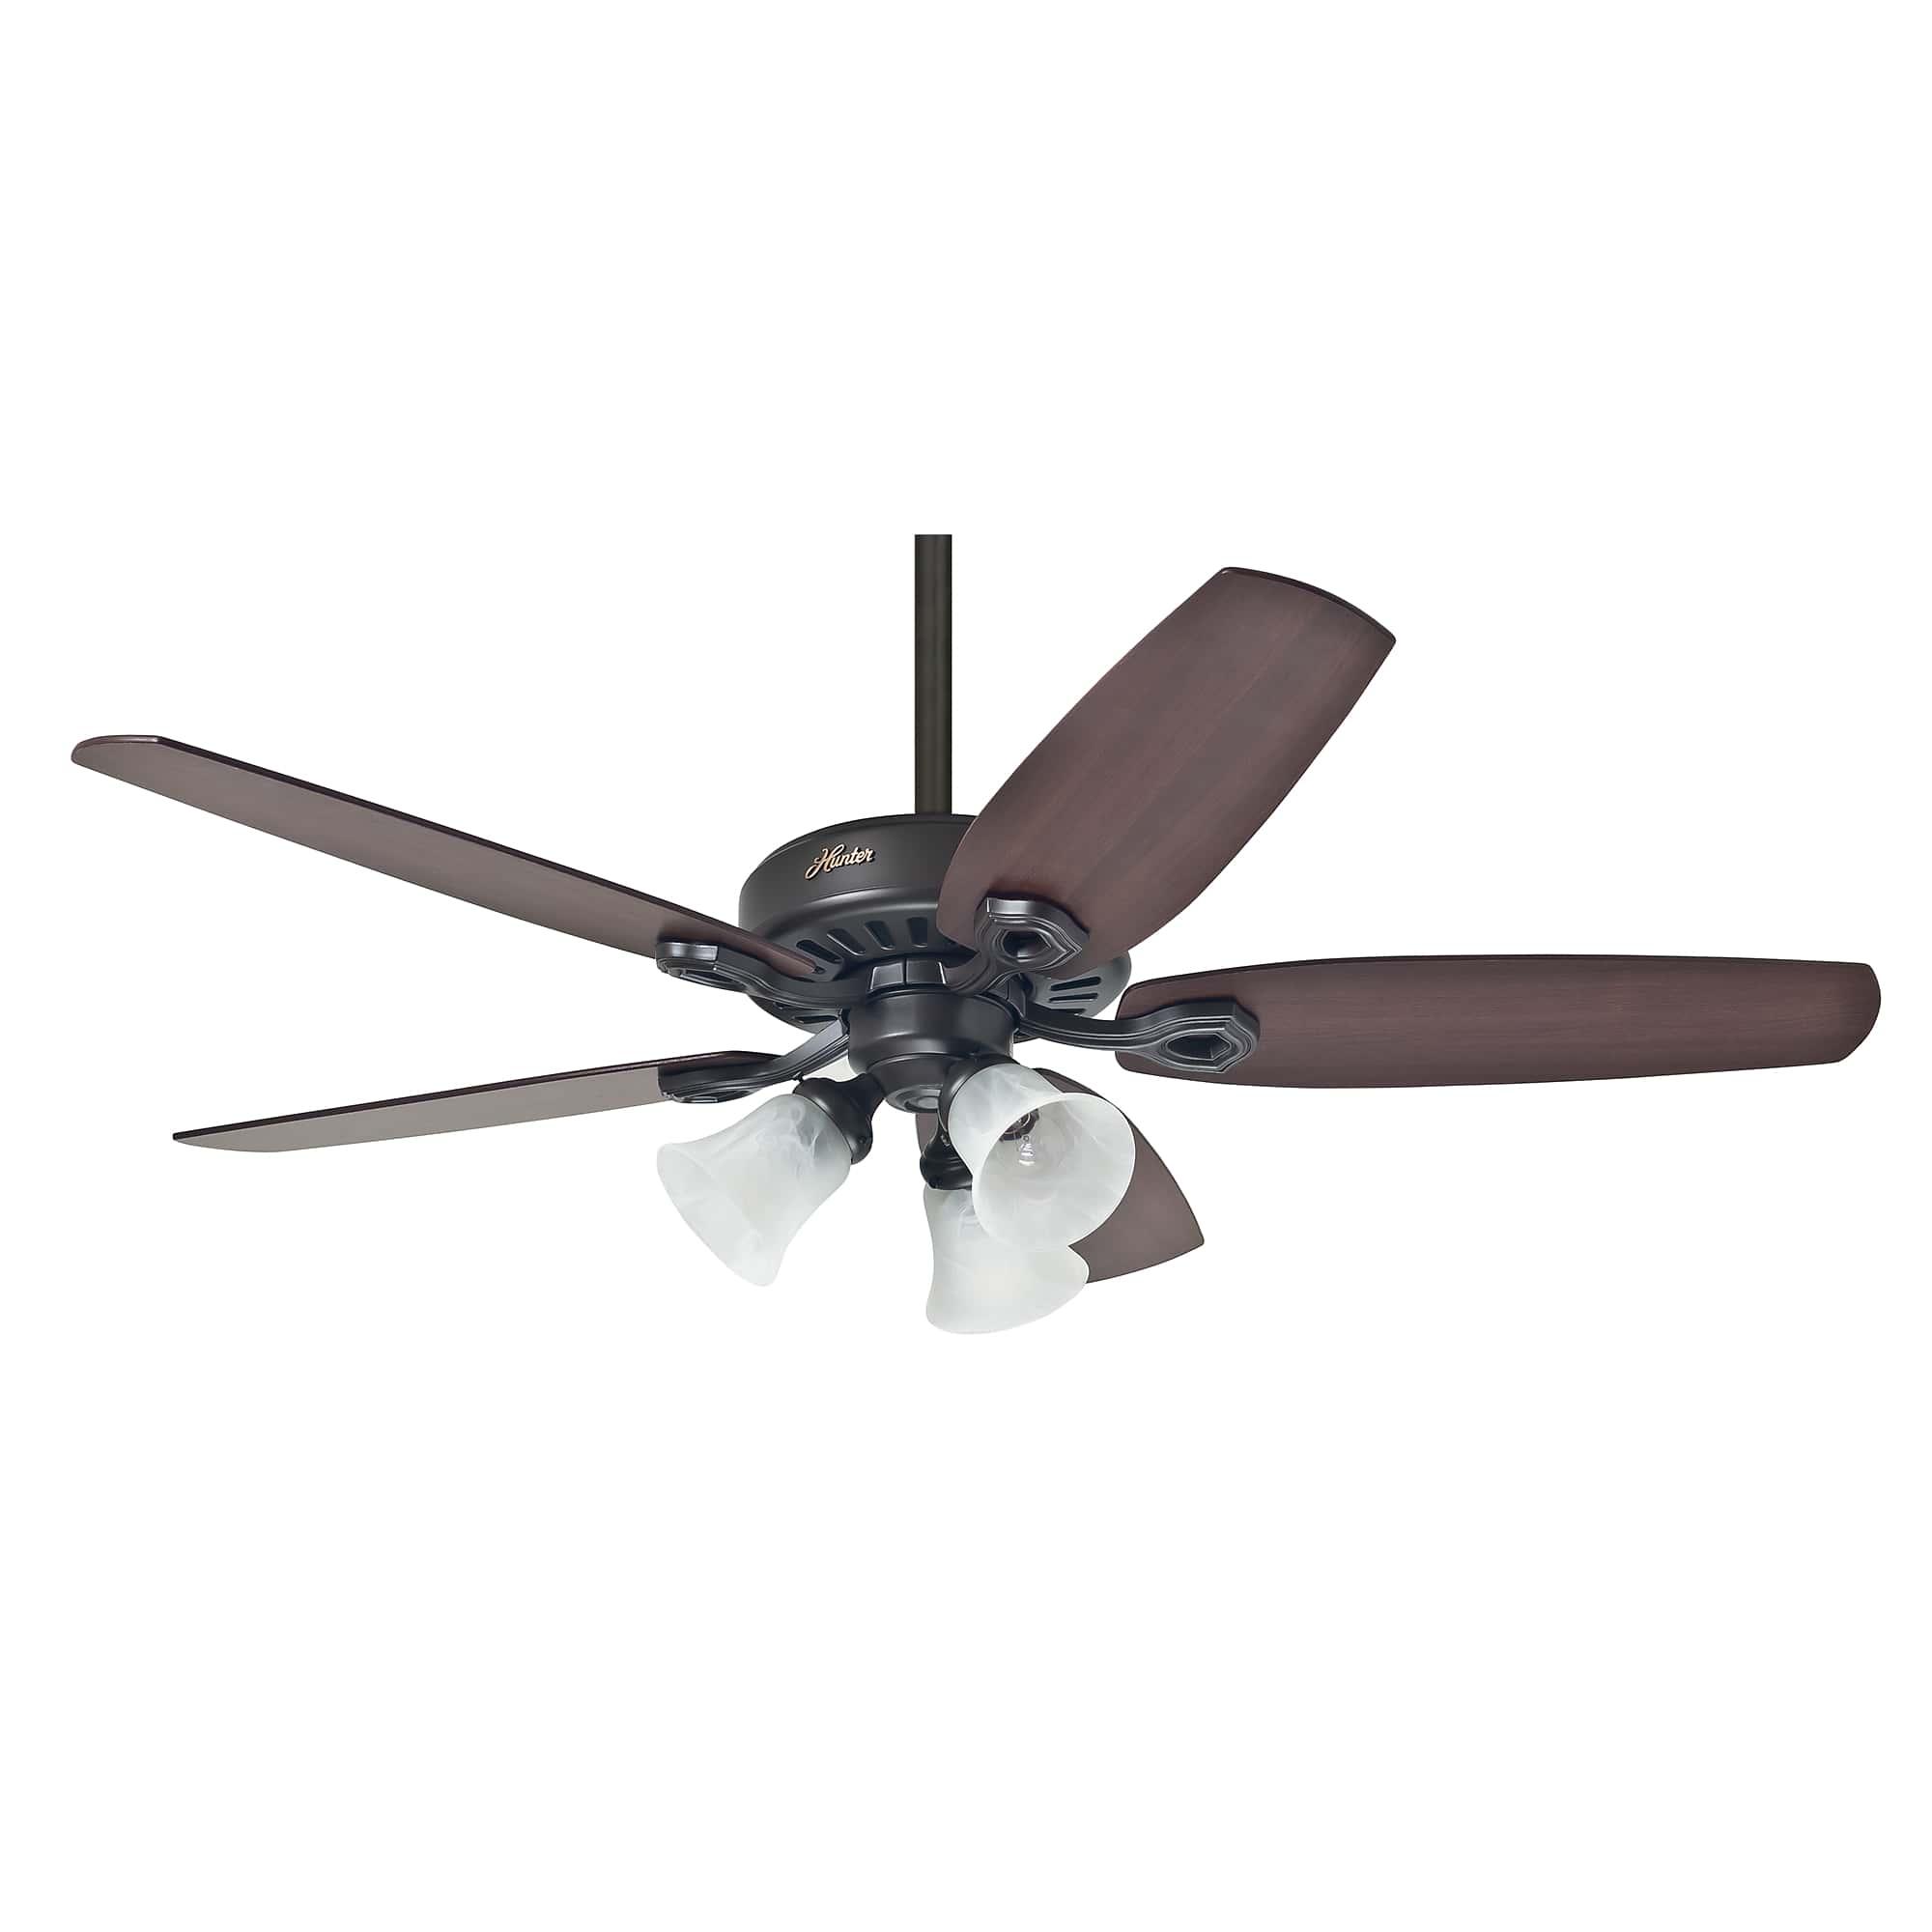 Hunter Ceiling Fan Builder Plus 132cm 52 Bronze Home Commercial Heaters Ventilation Ceiling Fans Uk